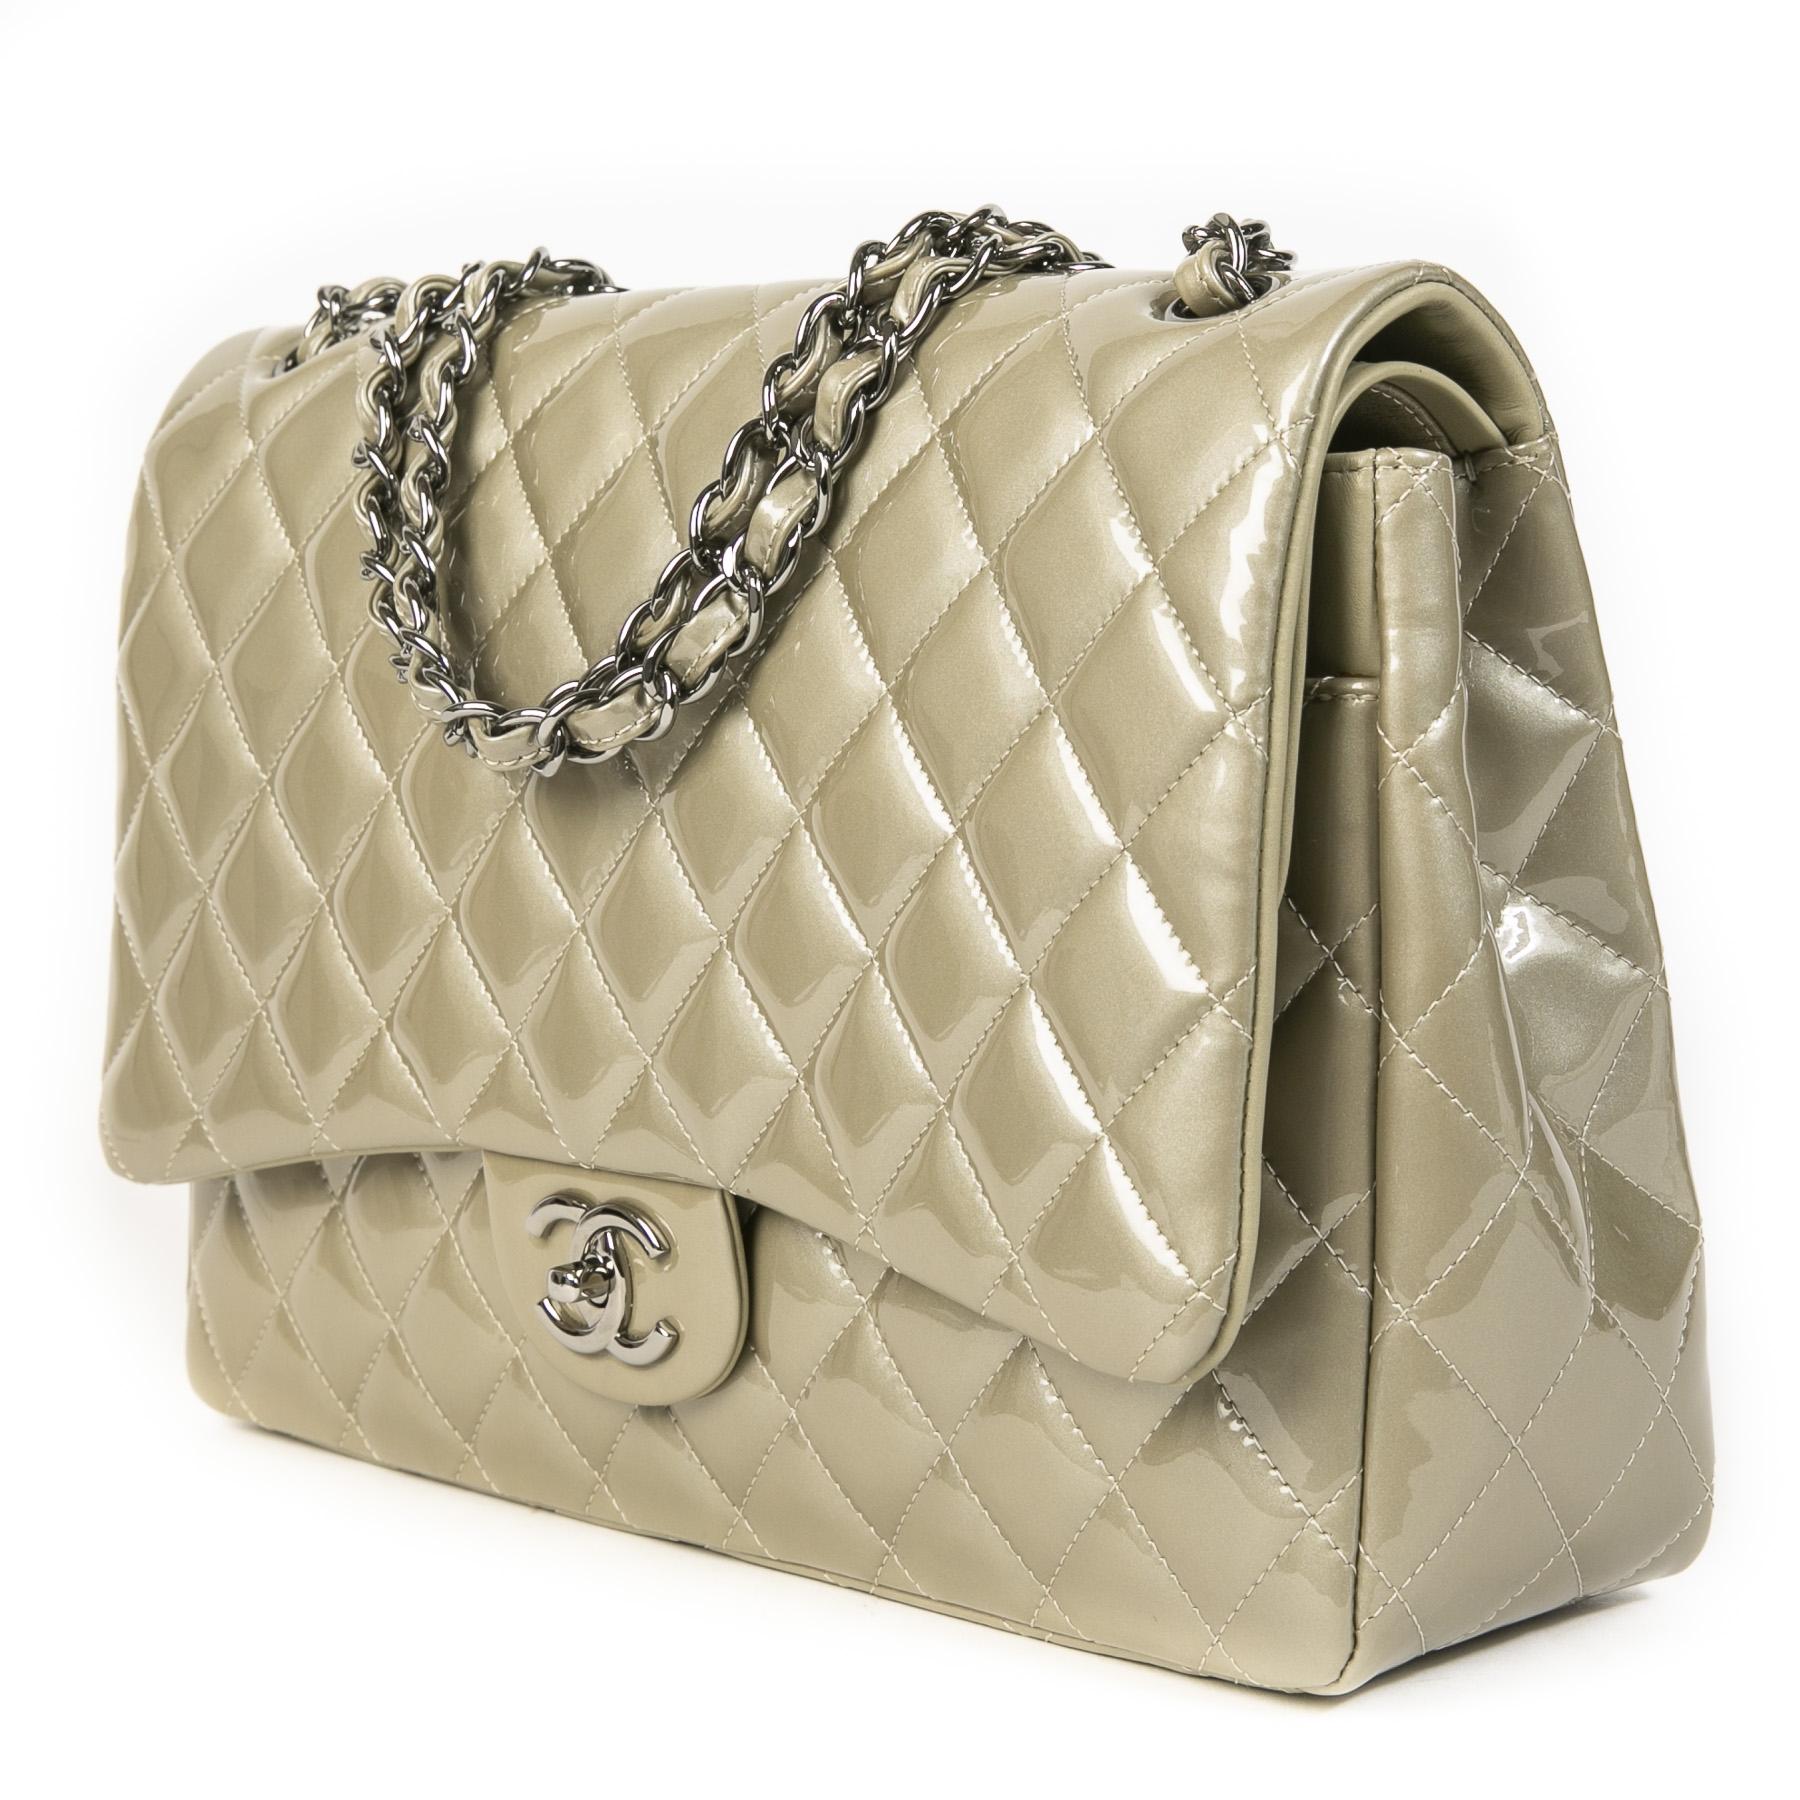 Authentieke Tweedehands Chanel Champagne Patent Leather Maxi Classic Flap Bag juiste prijs veilig online shoppen luxe merken webshop winkelen Antwerpen België mode fashion